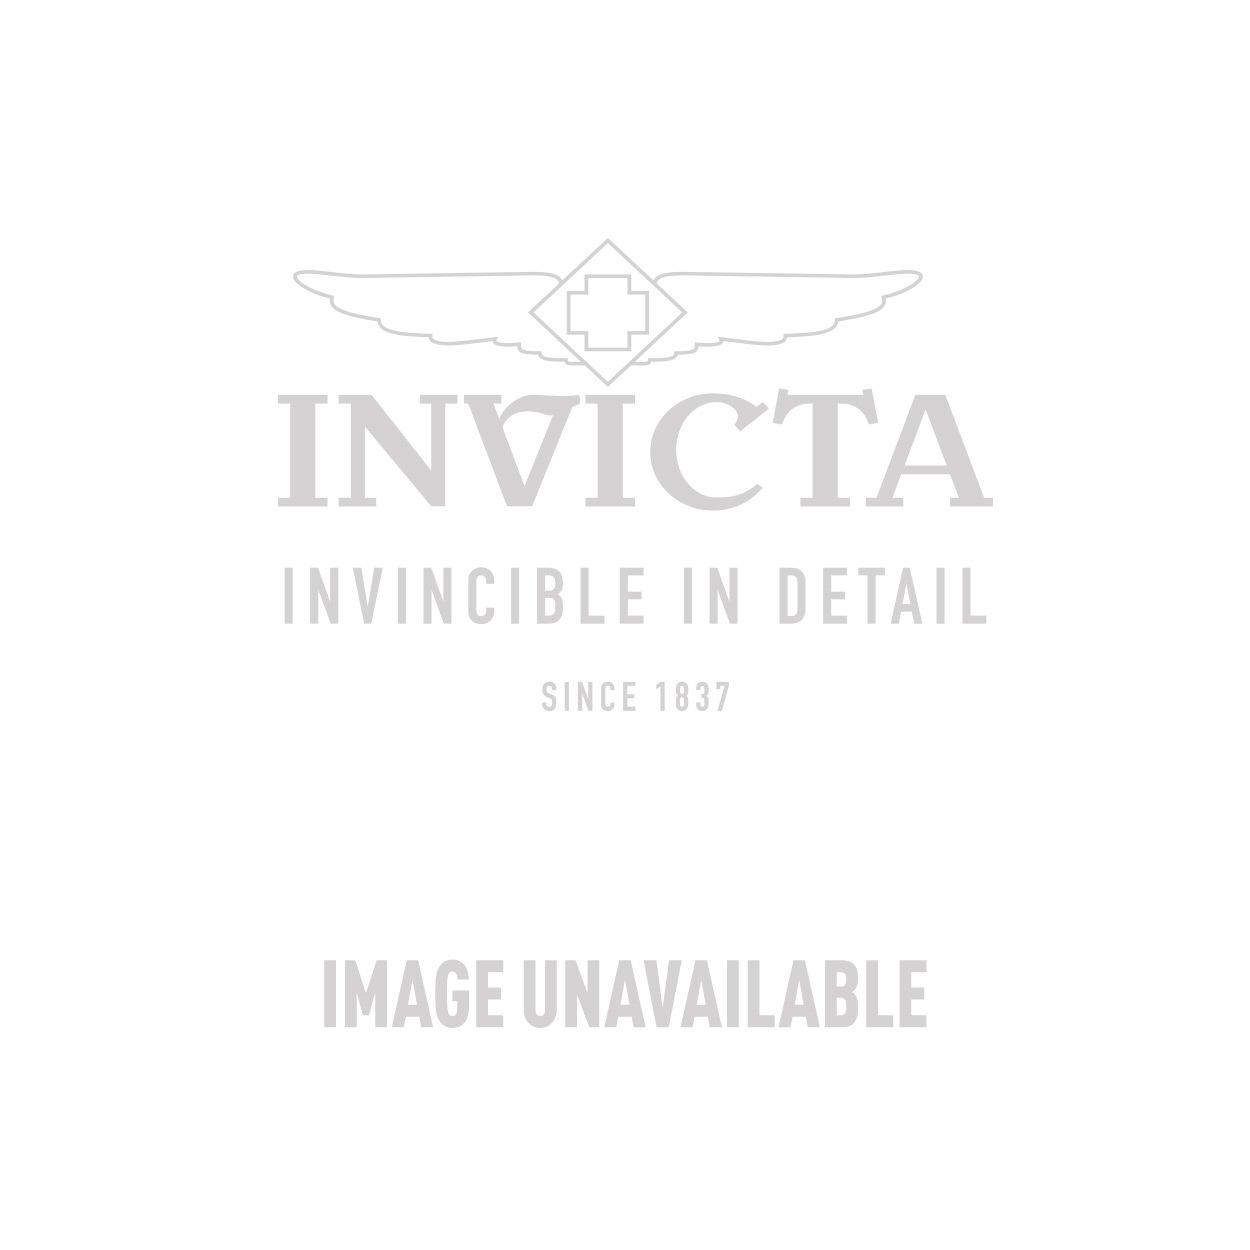 Invicta Model 23949